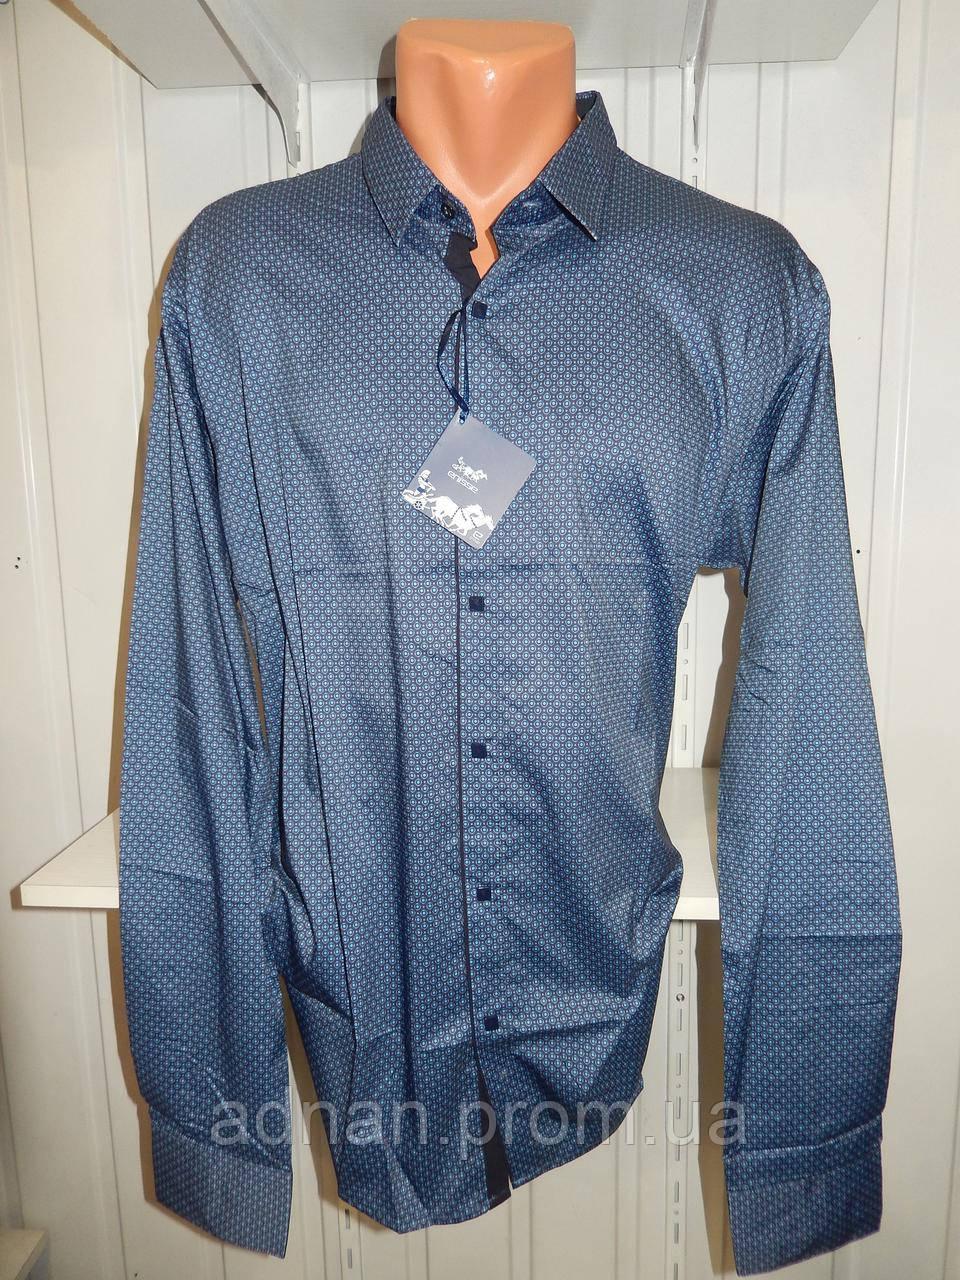 Сорочка чоловіча Enisse довгий рукав, батал, стрейч, дрібний візерунок, заклепки 013 \ купити сорочку